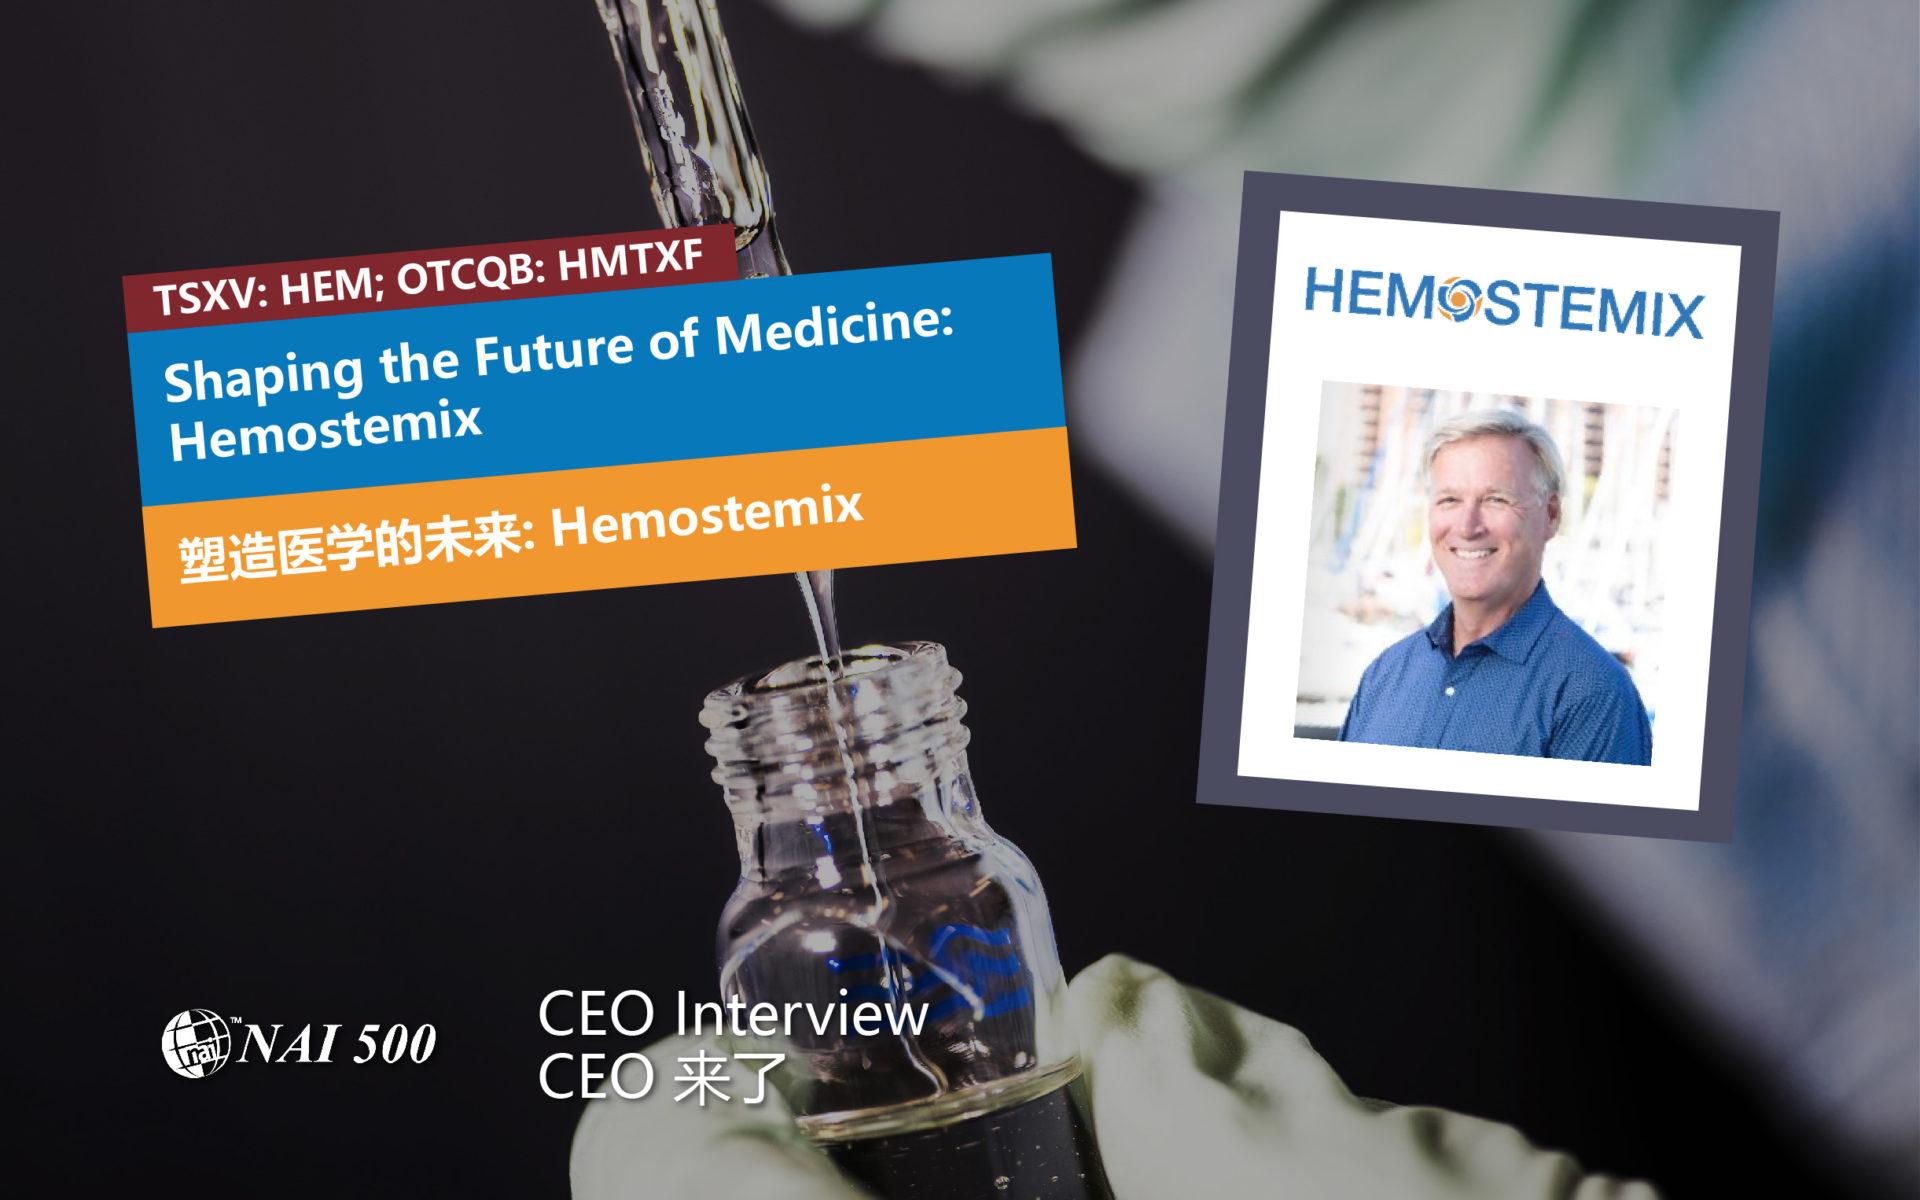 Hemostemix